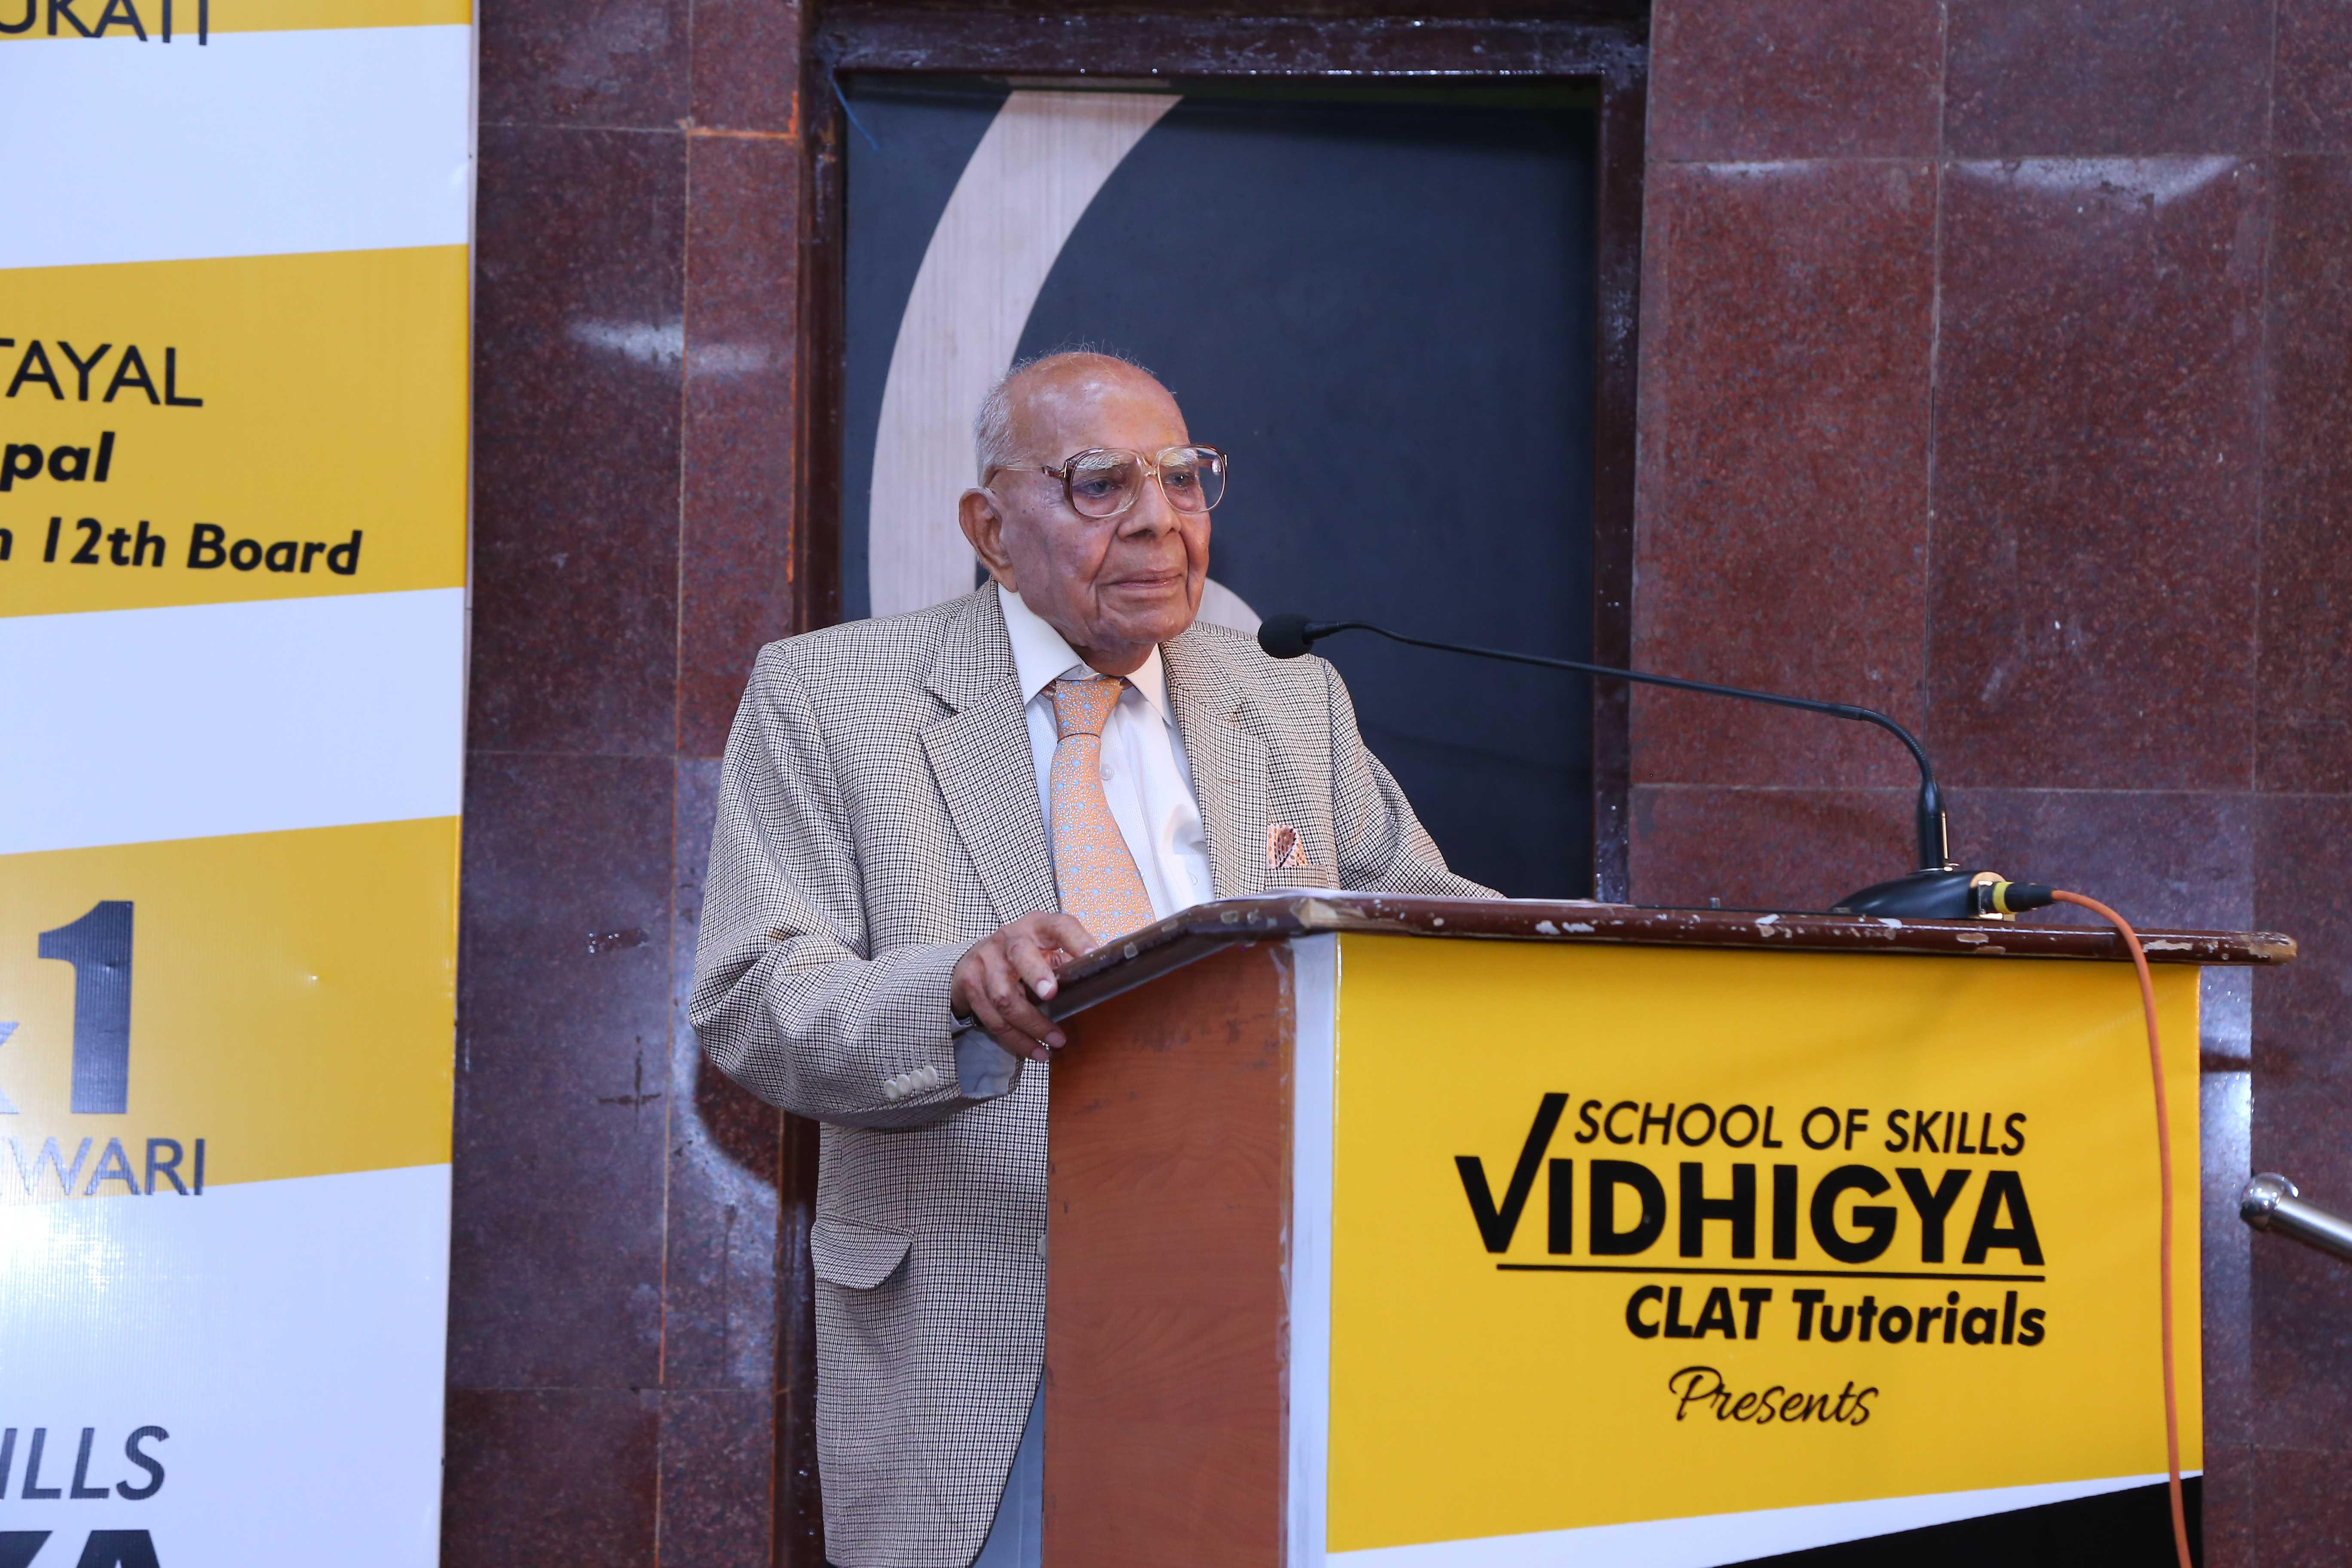 https://www.vidhigya.in/Vidhigya Law Summit 2018